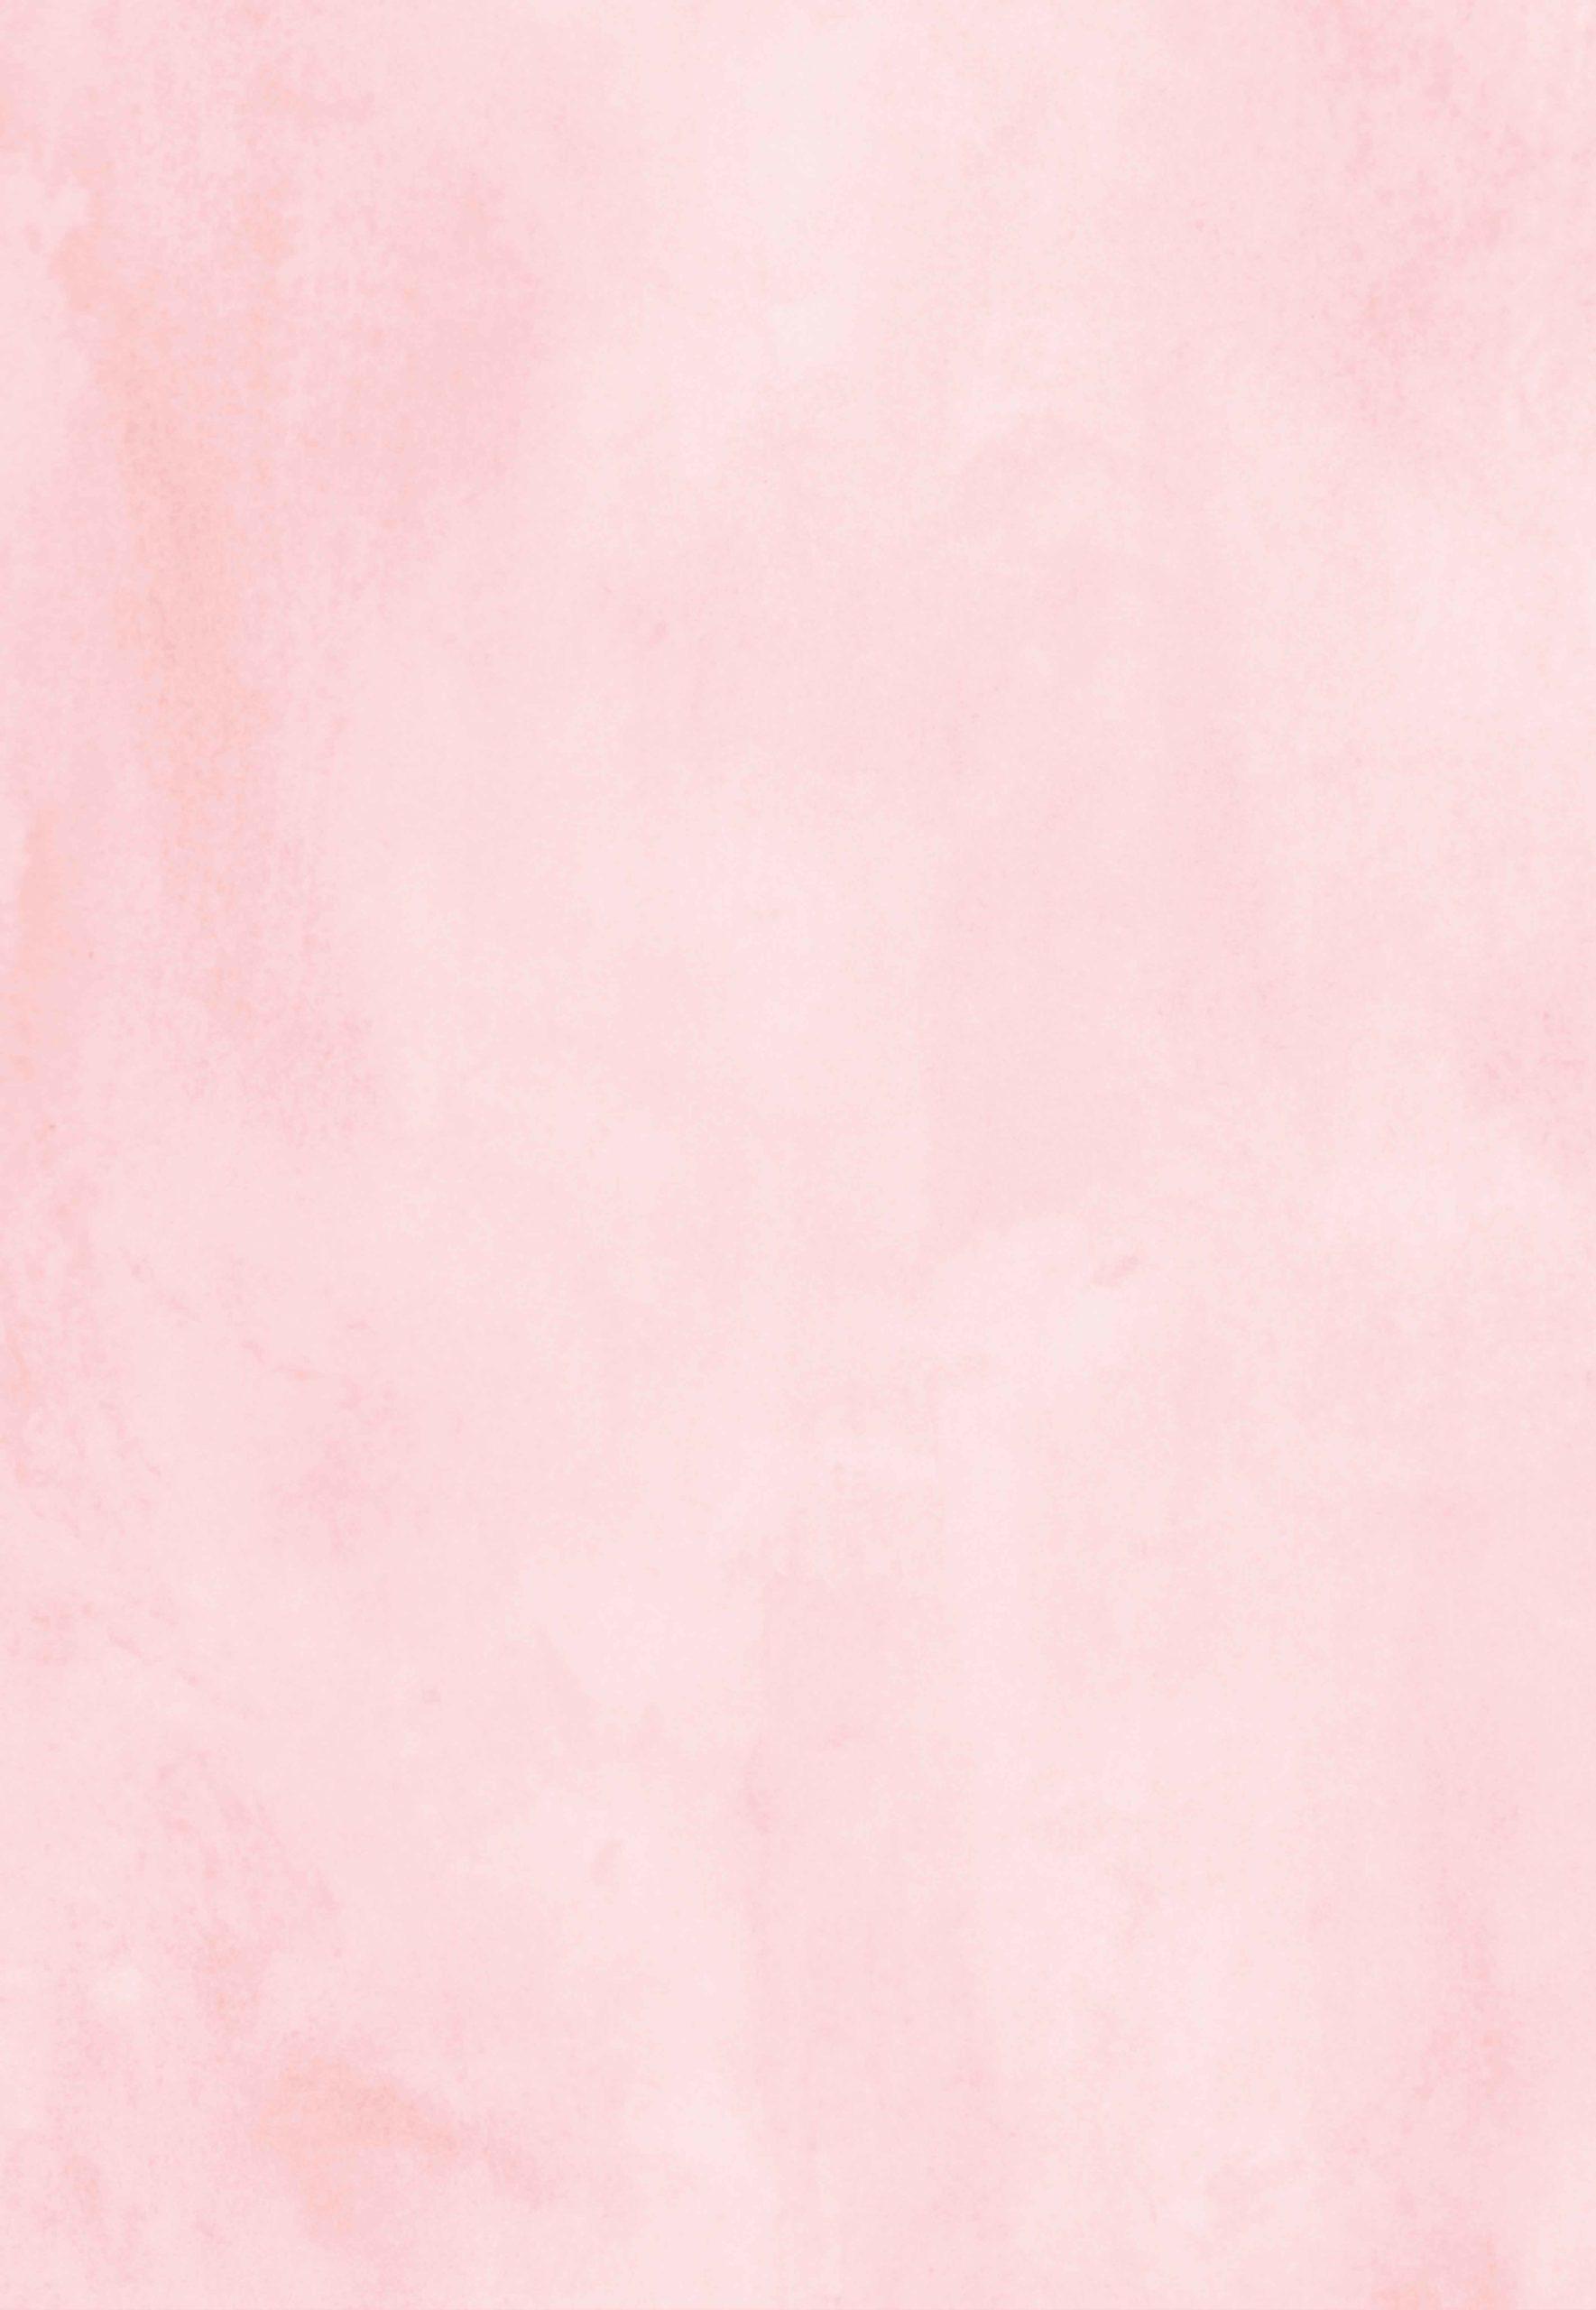 彼氏彼女・カップルのフォトブックスタンプ素材:背景・ピンク・水彩